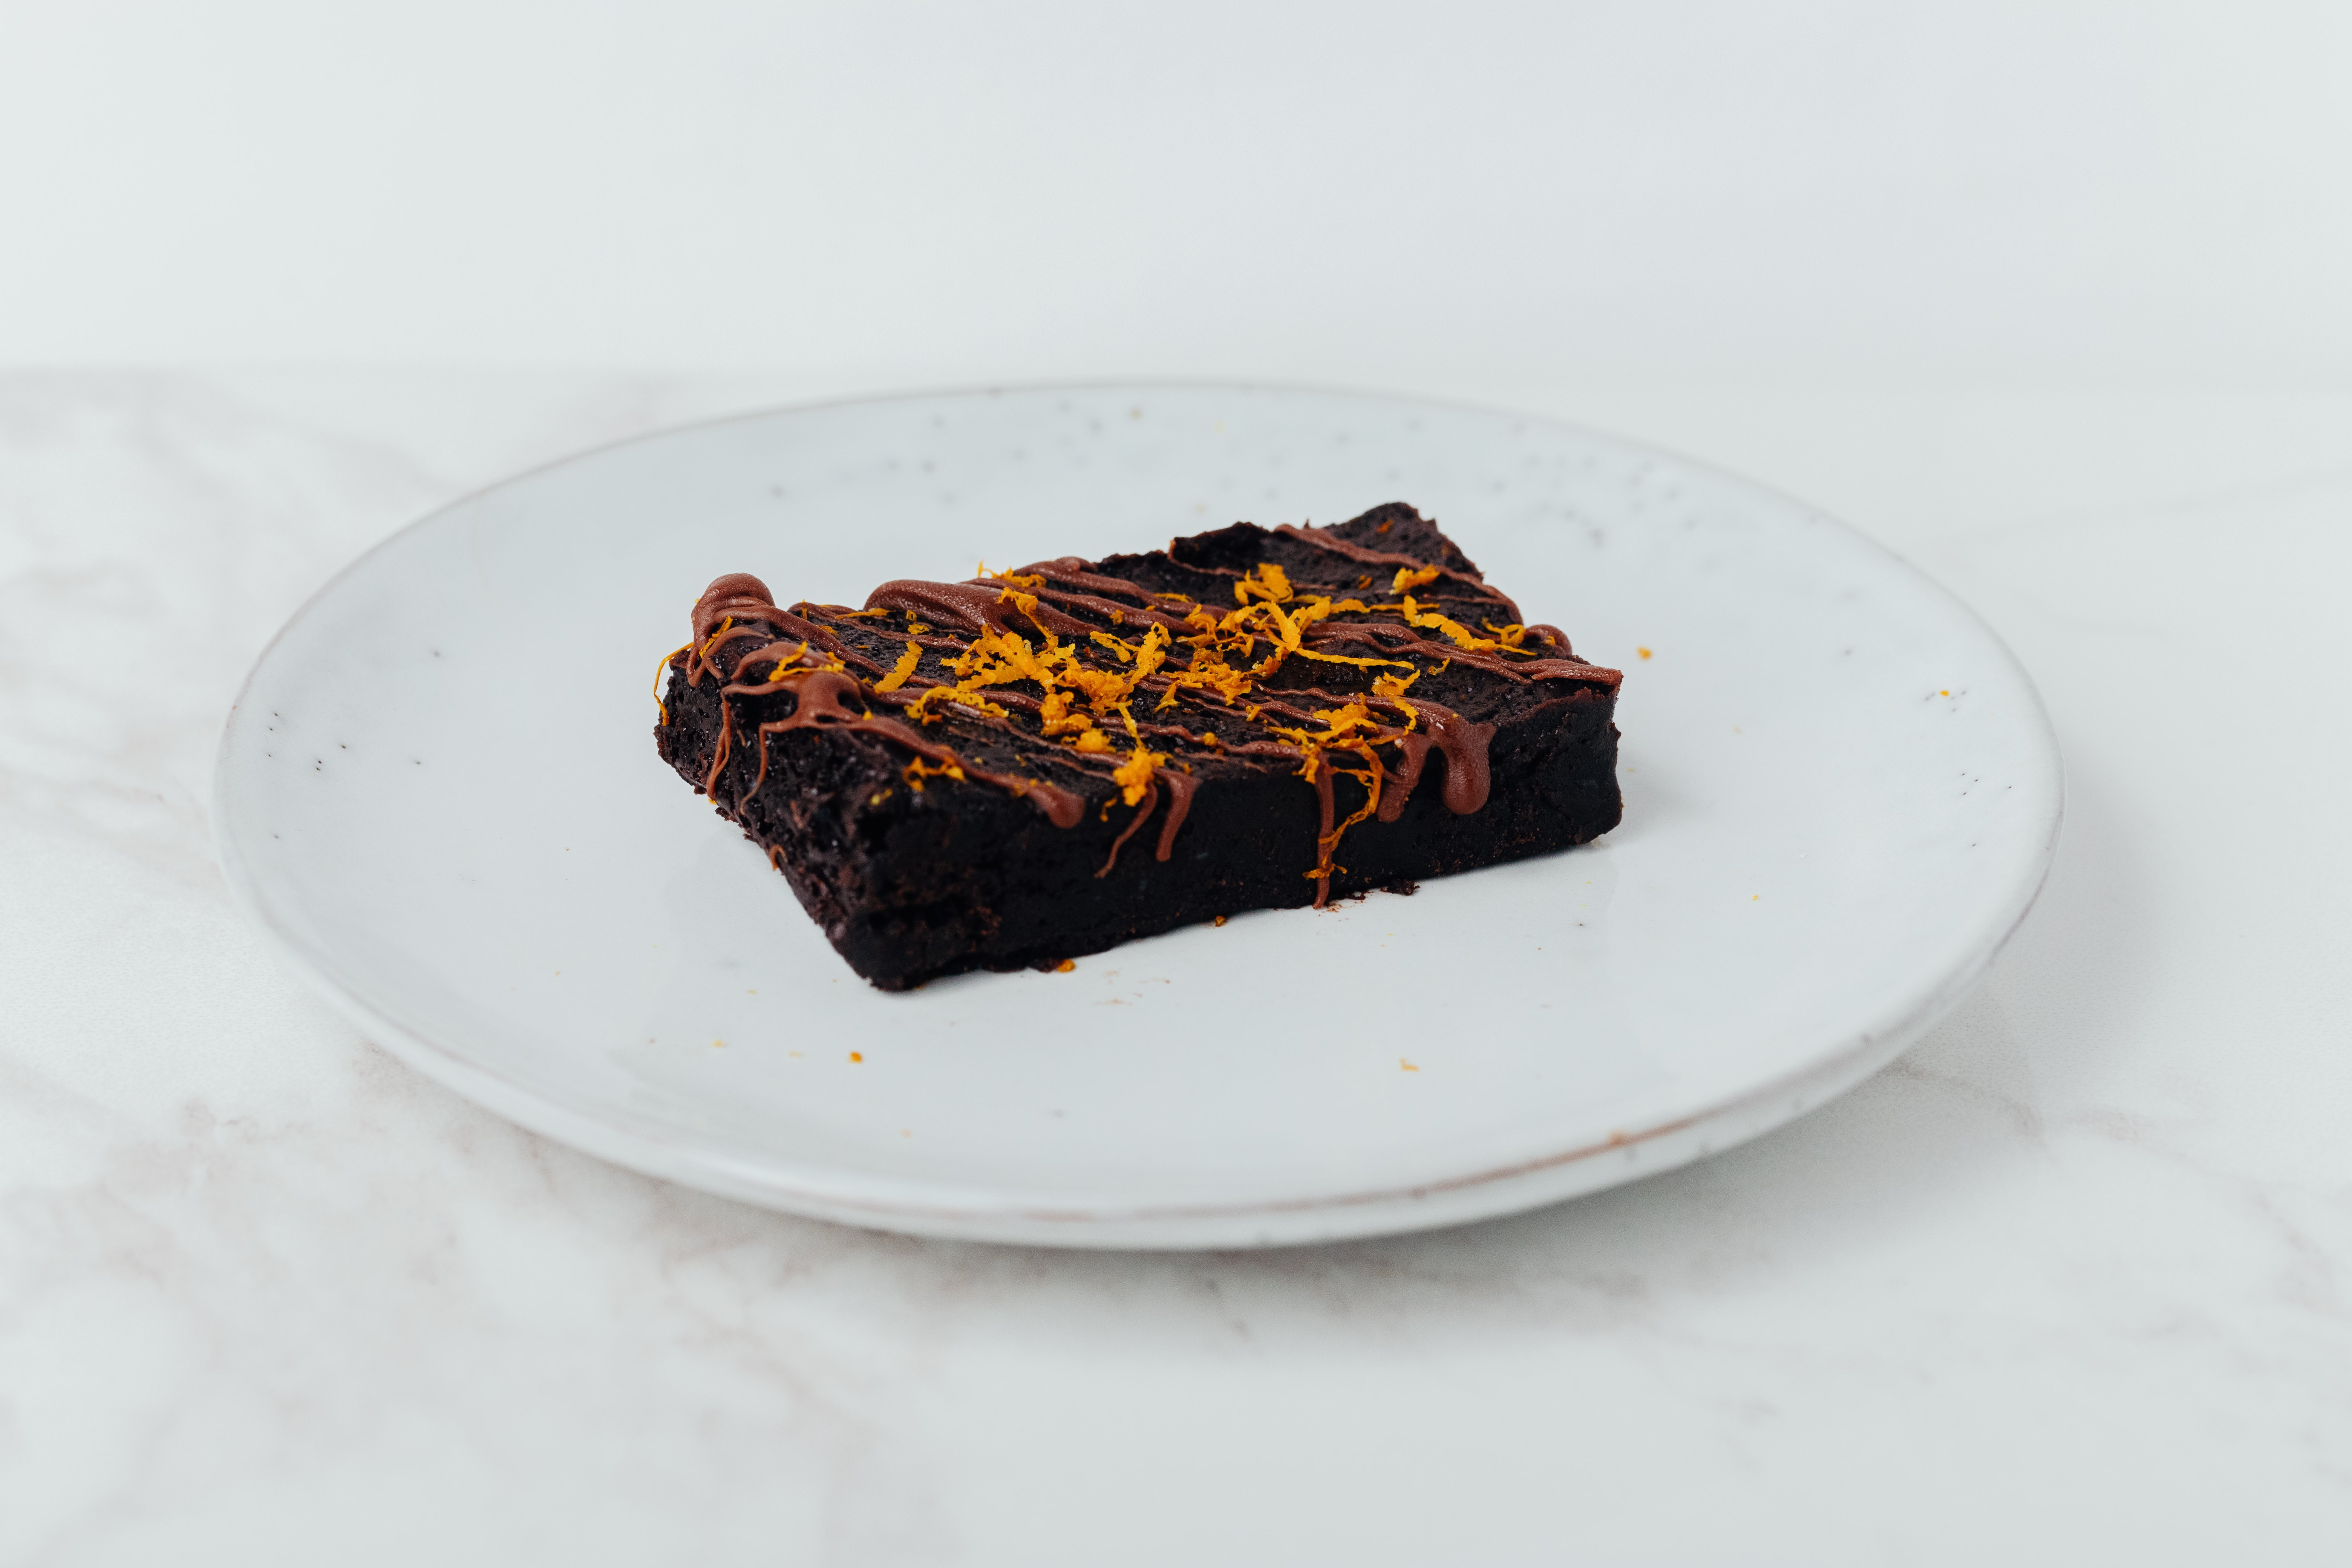 Vegan and Gluten Free Chocolate Orange